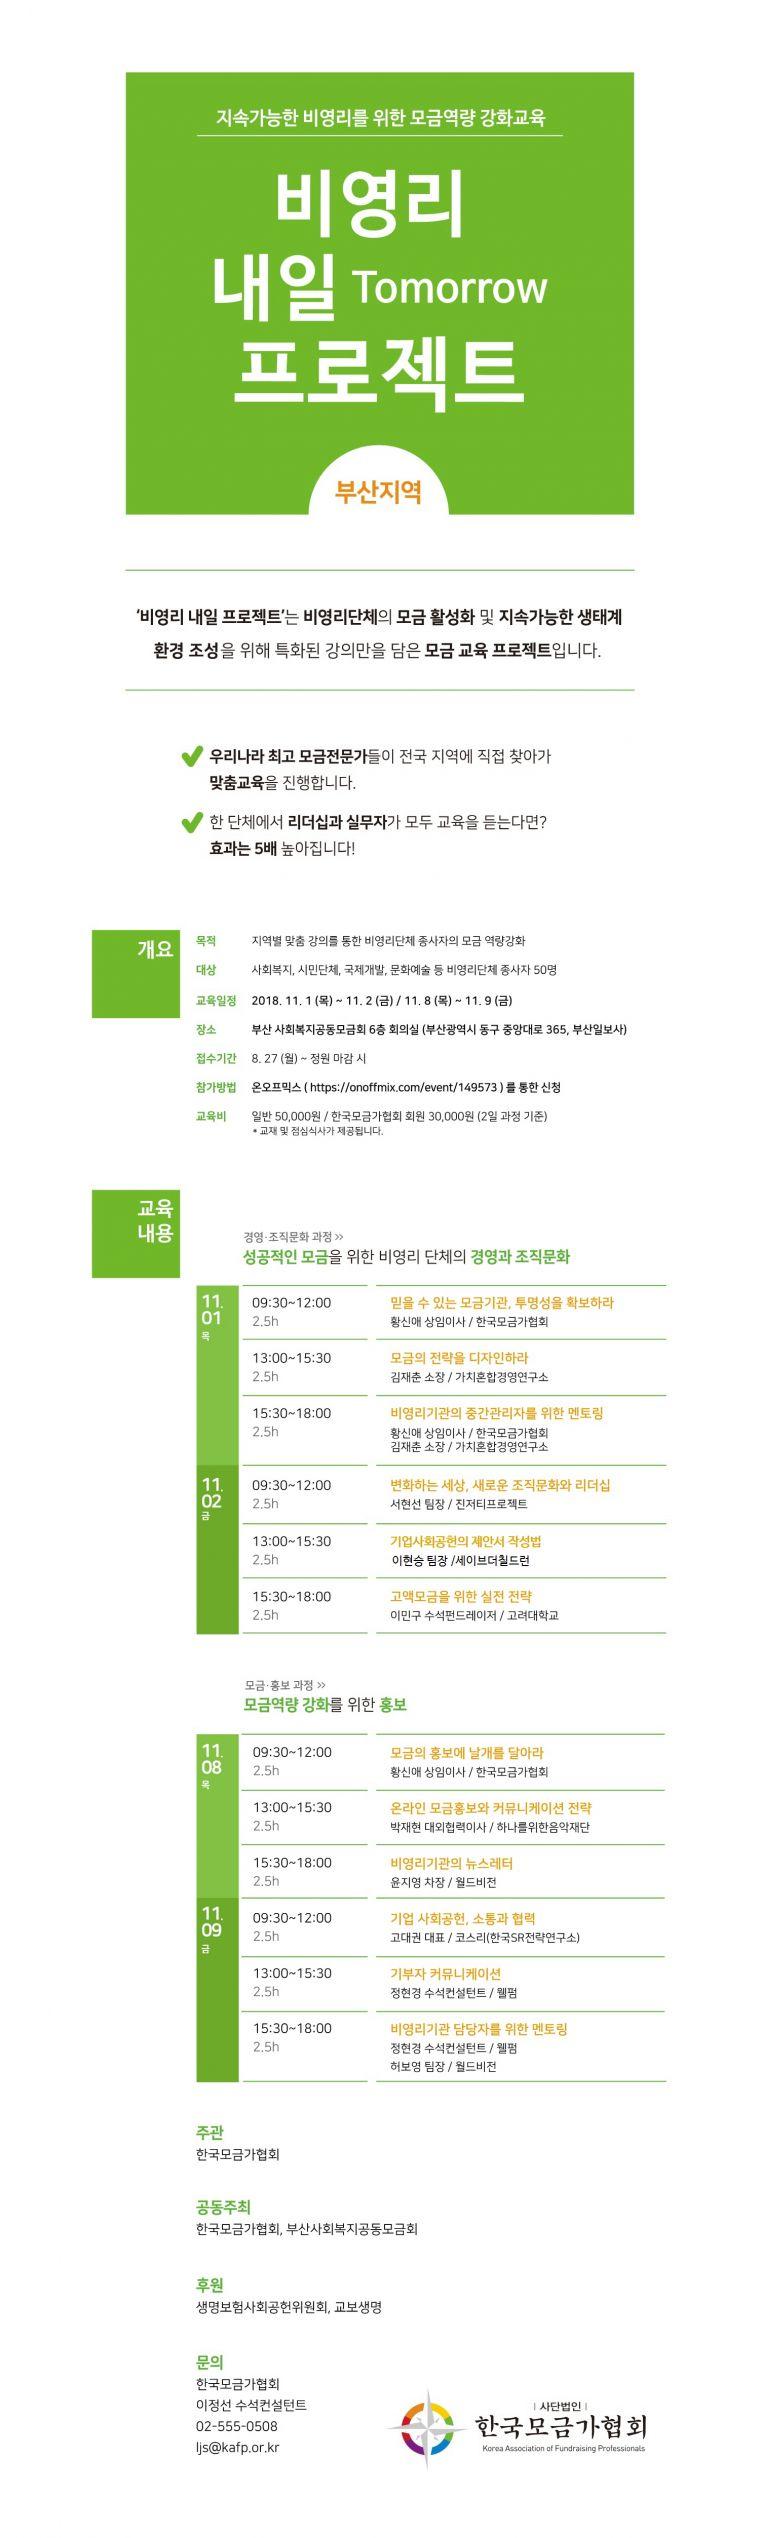 부산_웹홍보물.jpg